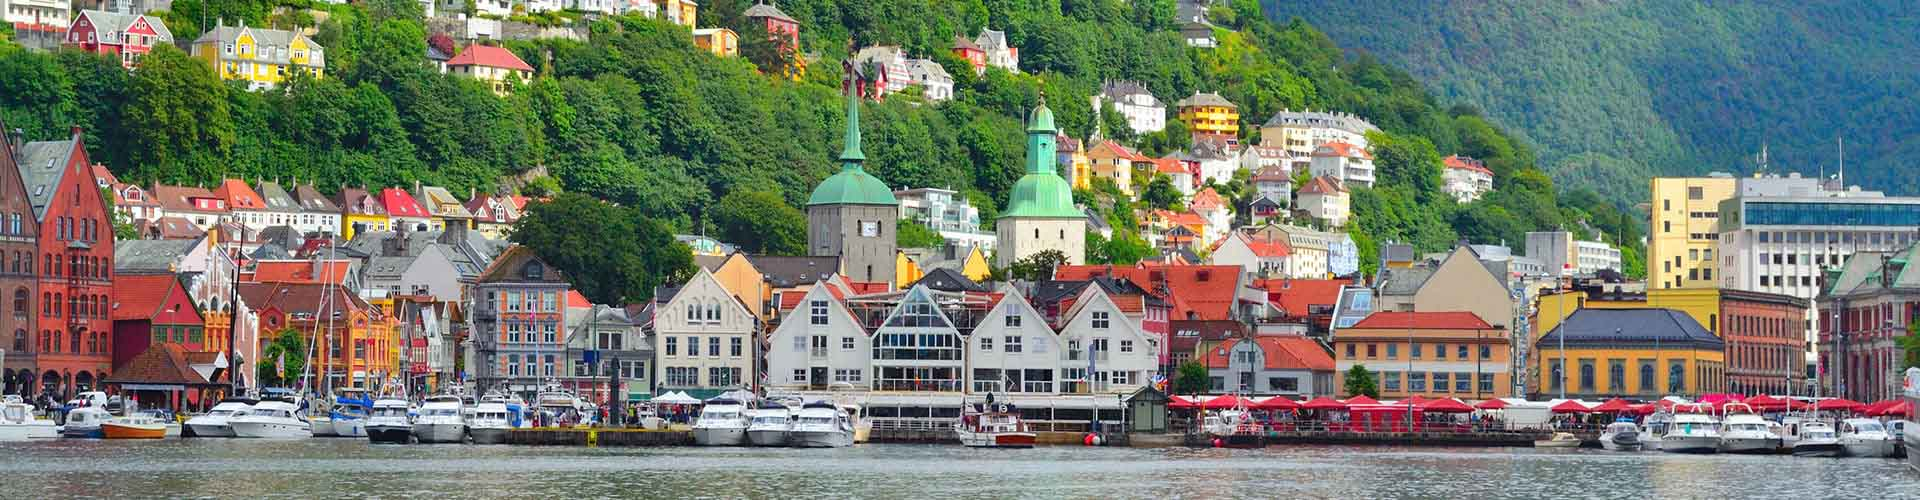 Bergen - Auberges de jeunesse dans le quartier de Bergenhus. Cartes pour Bergen, photos et commentaires pour chaque auberge de jeunesse à Bergen.